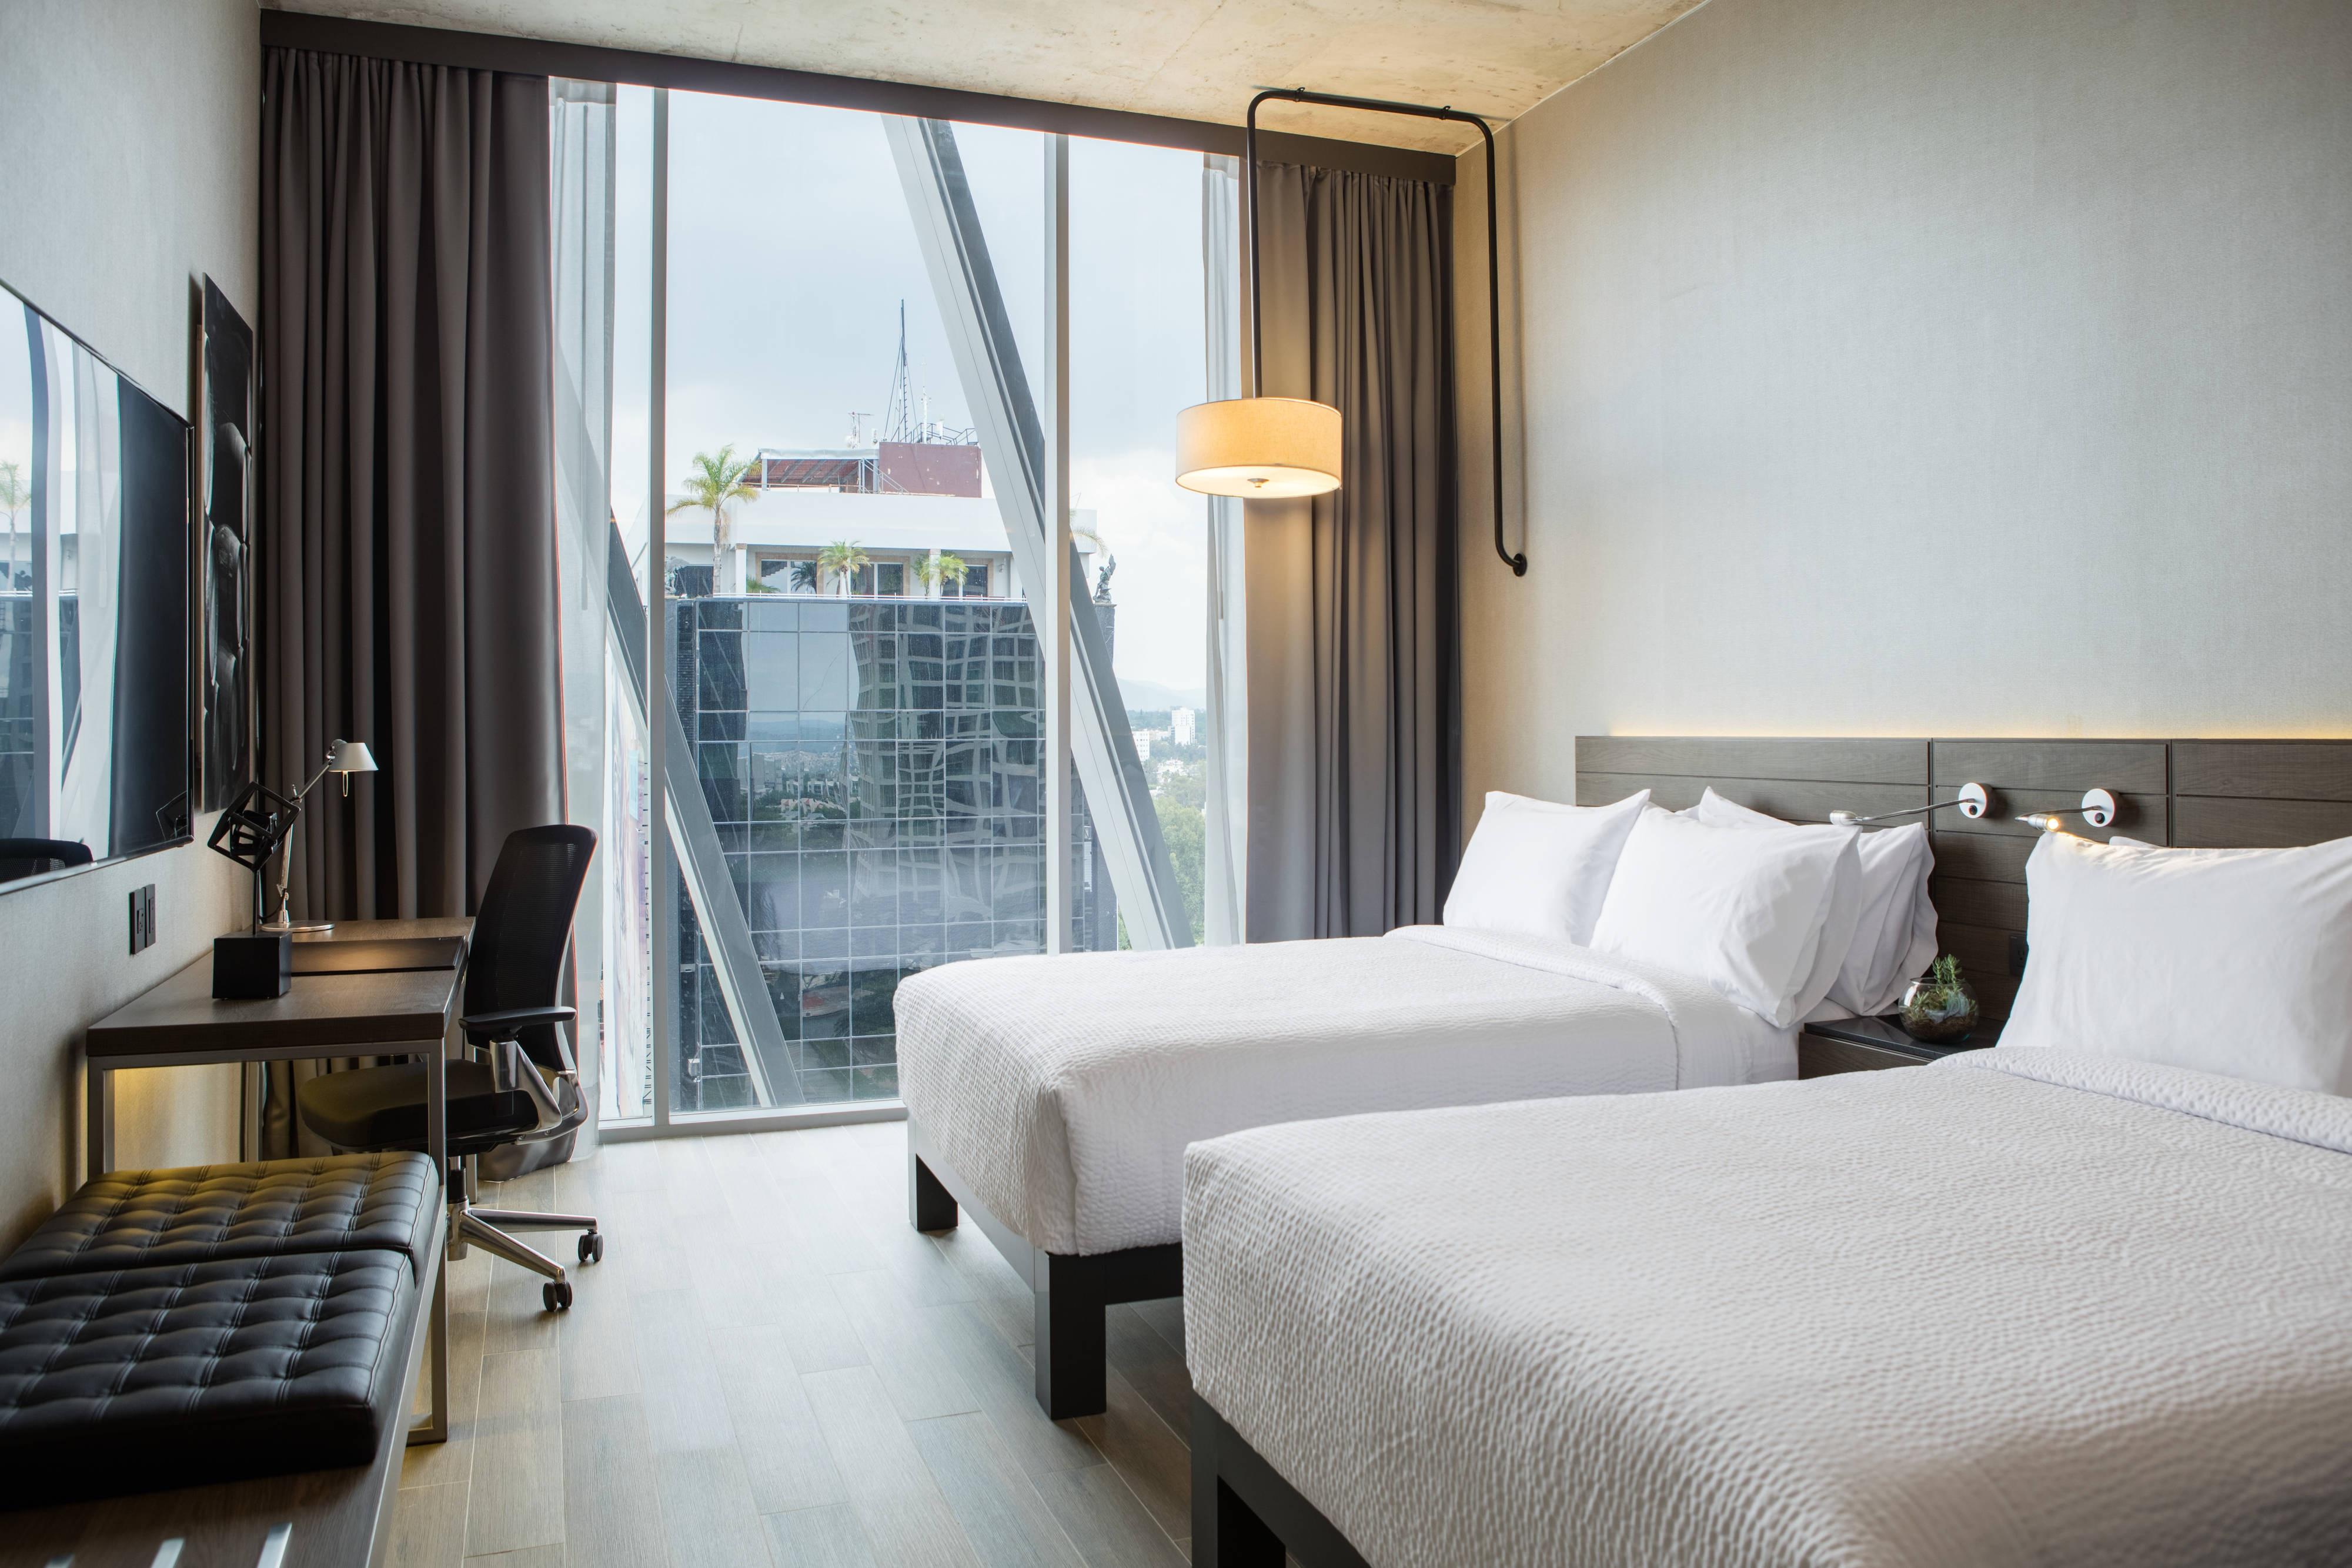 Gästezimmer mit zwei Doppelbetten